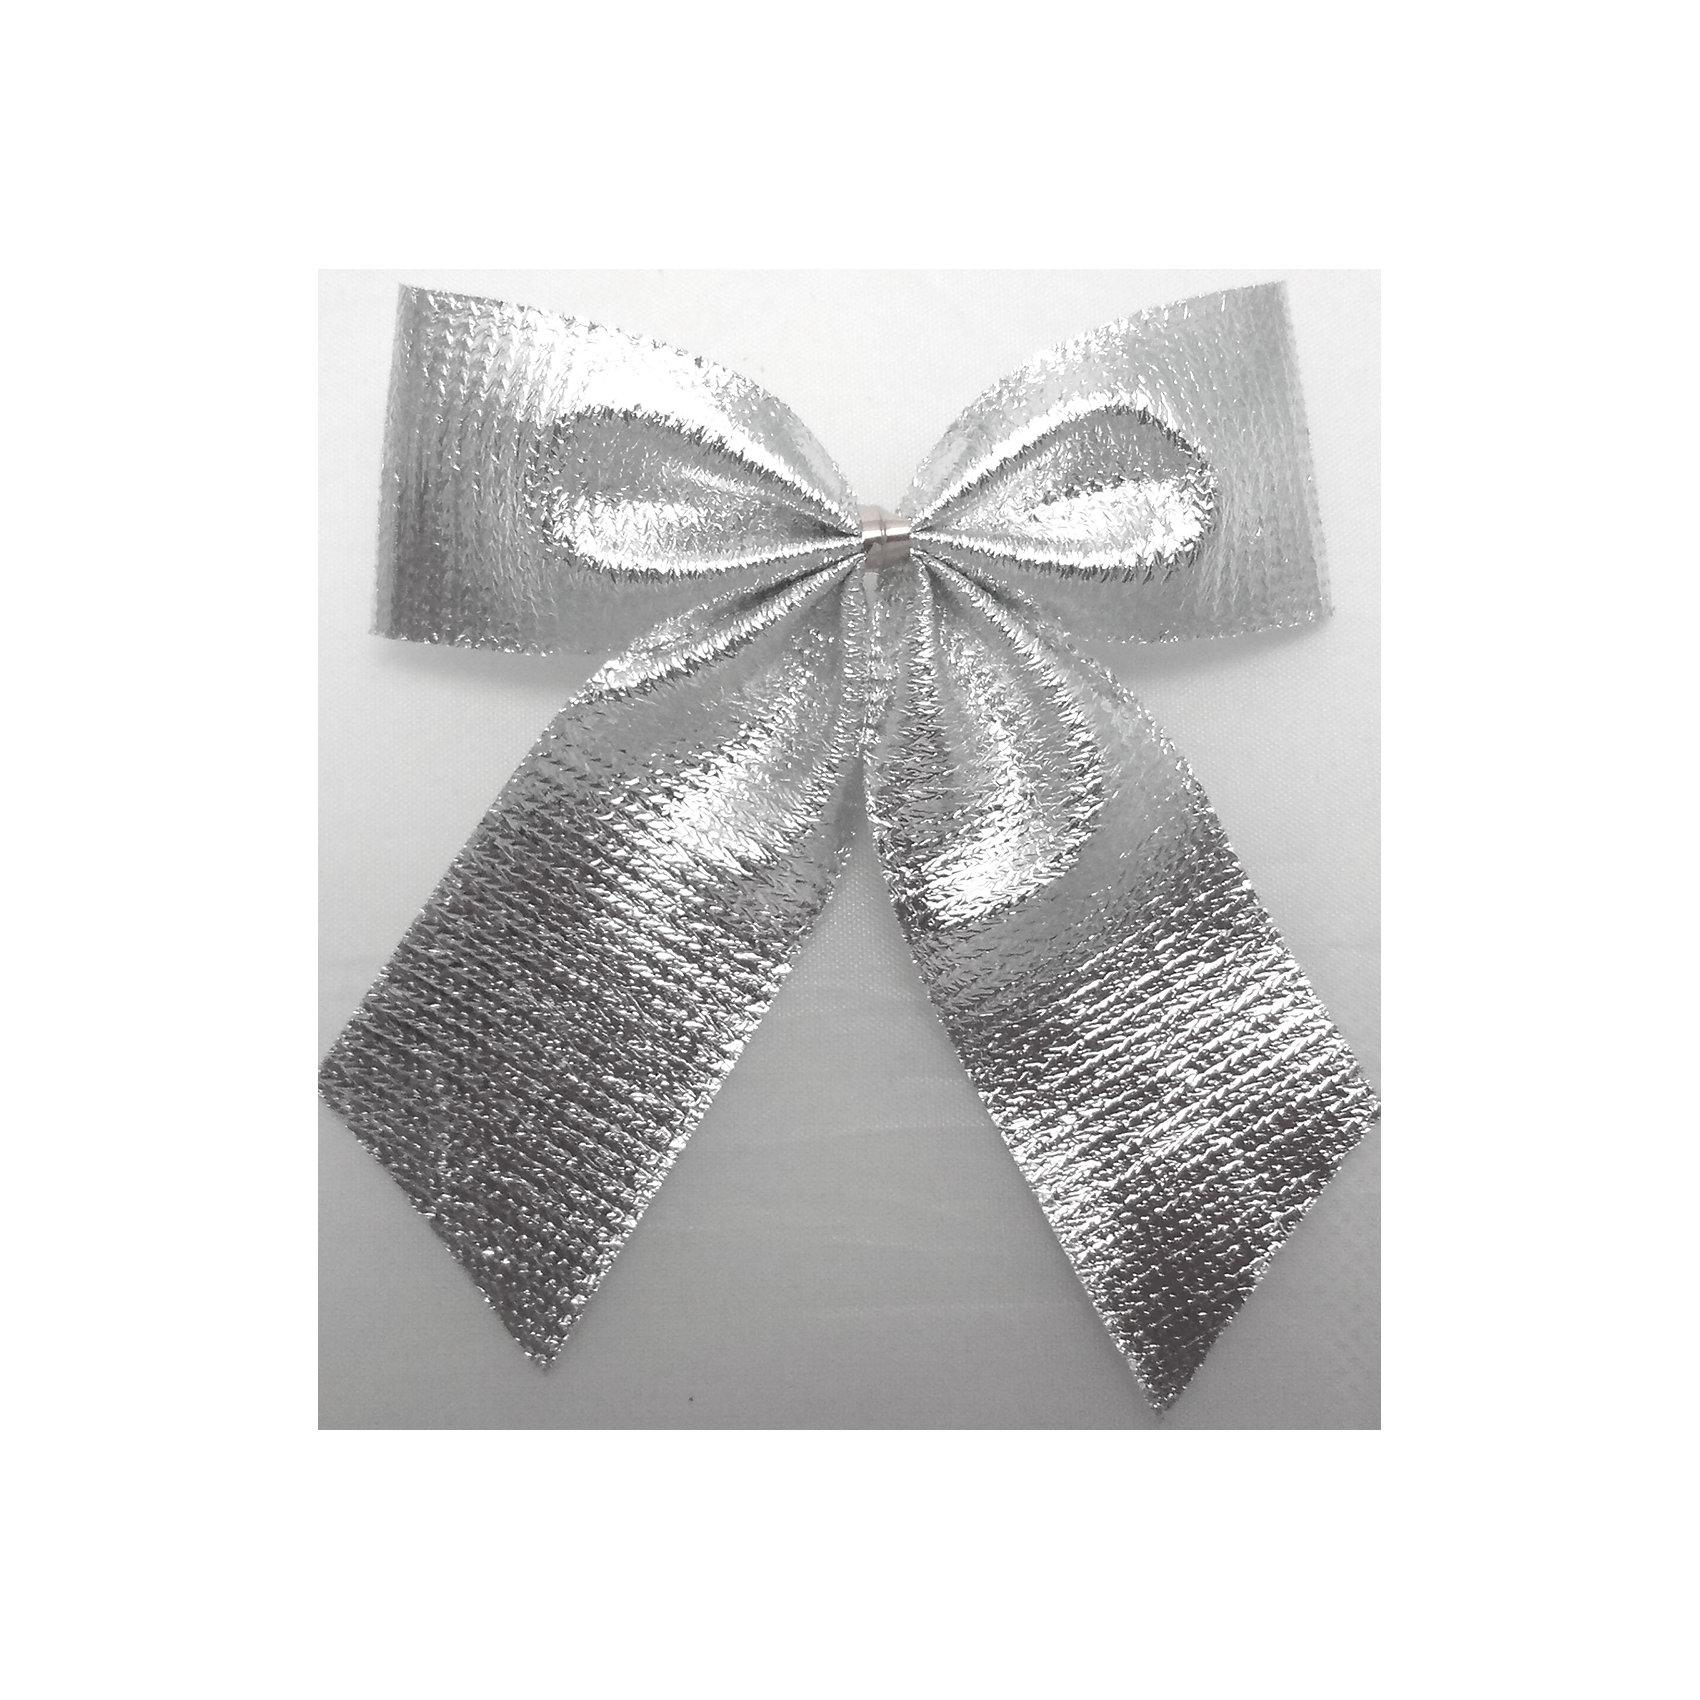 Набор Серебряный бант 6 штБанты металлизированные СЕРЕБРО 6 бантов в наборе  8см арт.16042 Бант выполнен из нейлона и предназначен для оформления подарочных коробок, пакетов. Кроме того, декоративный бант прекрасно для оформления праздничной елки и интерьера.<br><br>Ширина мм: 290<br>Глубина мм: 160<br>Высота мм: 10<br>Вес г: 250<br>Возраст от месяцев: 72<br>Возраст до месяцев: 480<br>Пол: Унисекс<br>Возраст: Детский<br>SKU: 5051616